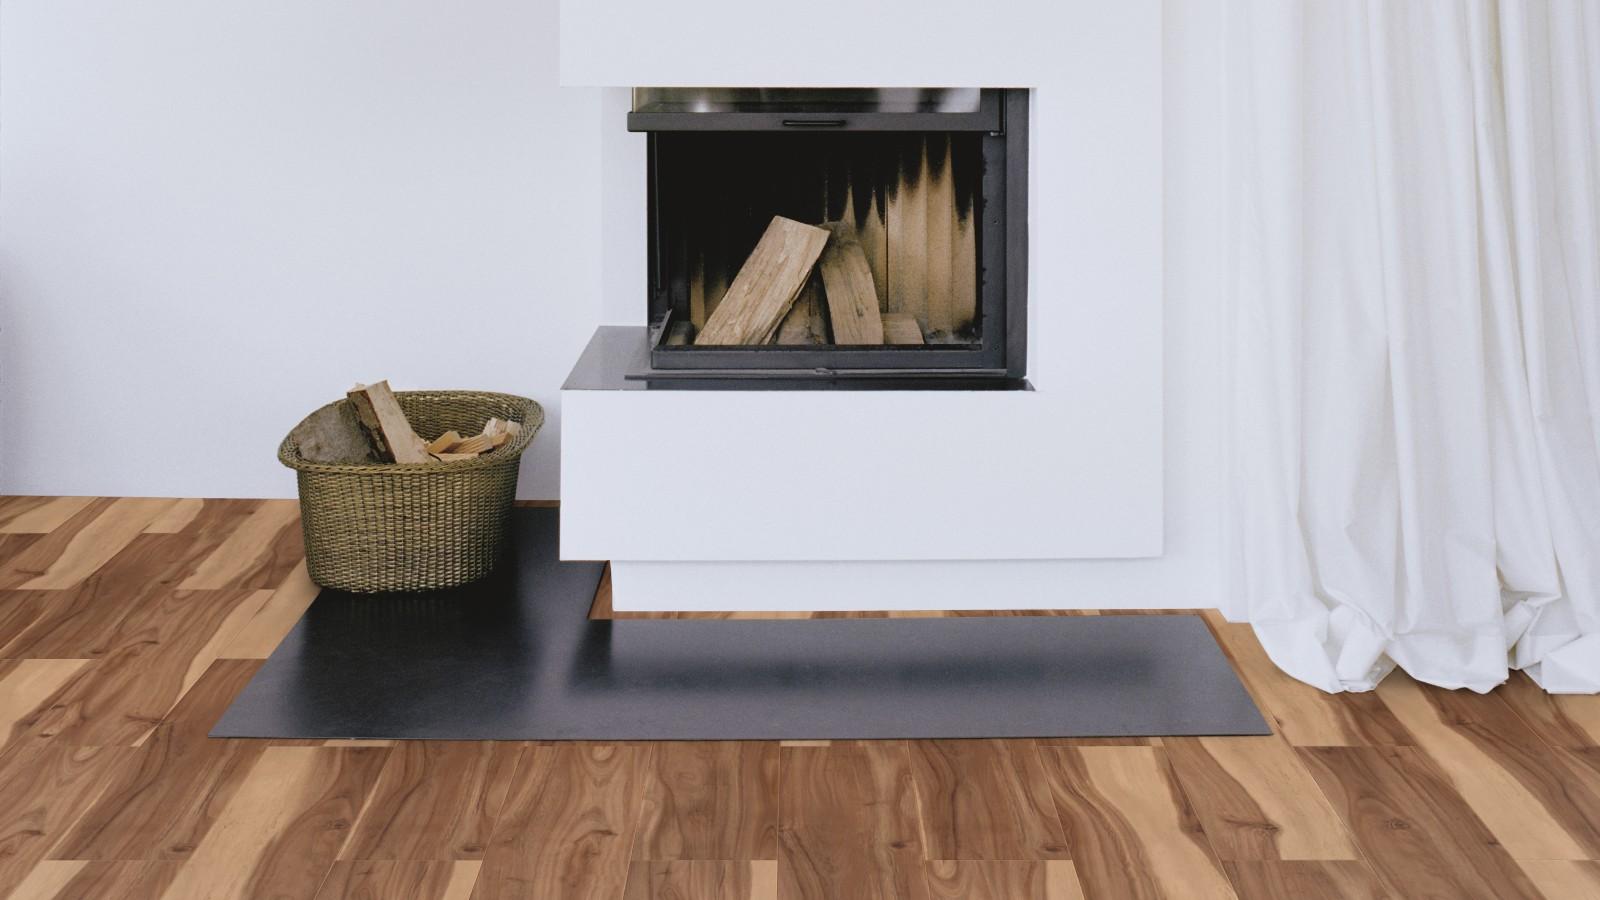 des6186 objectflor expona design collection vinyl designbelag untreated timber. Black Bedroom Furniture Sets. Home Design Ideas